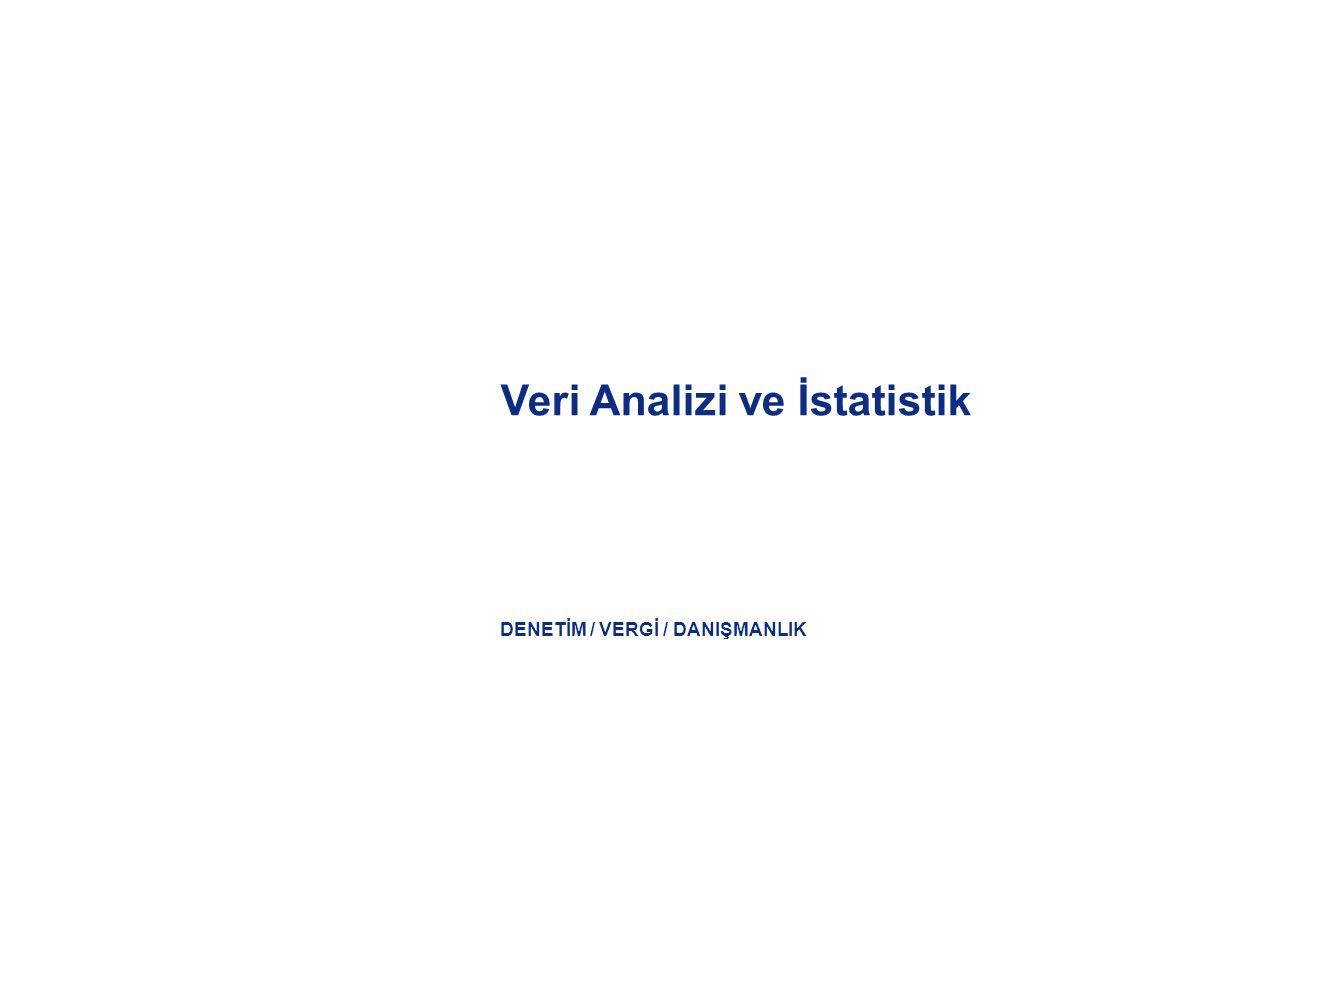 DENETİM / VERGİ / DANIŞMANLIK Veri Analizi ve İstatistik